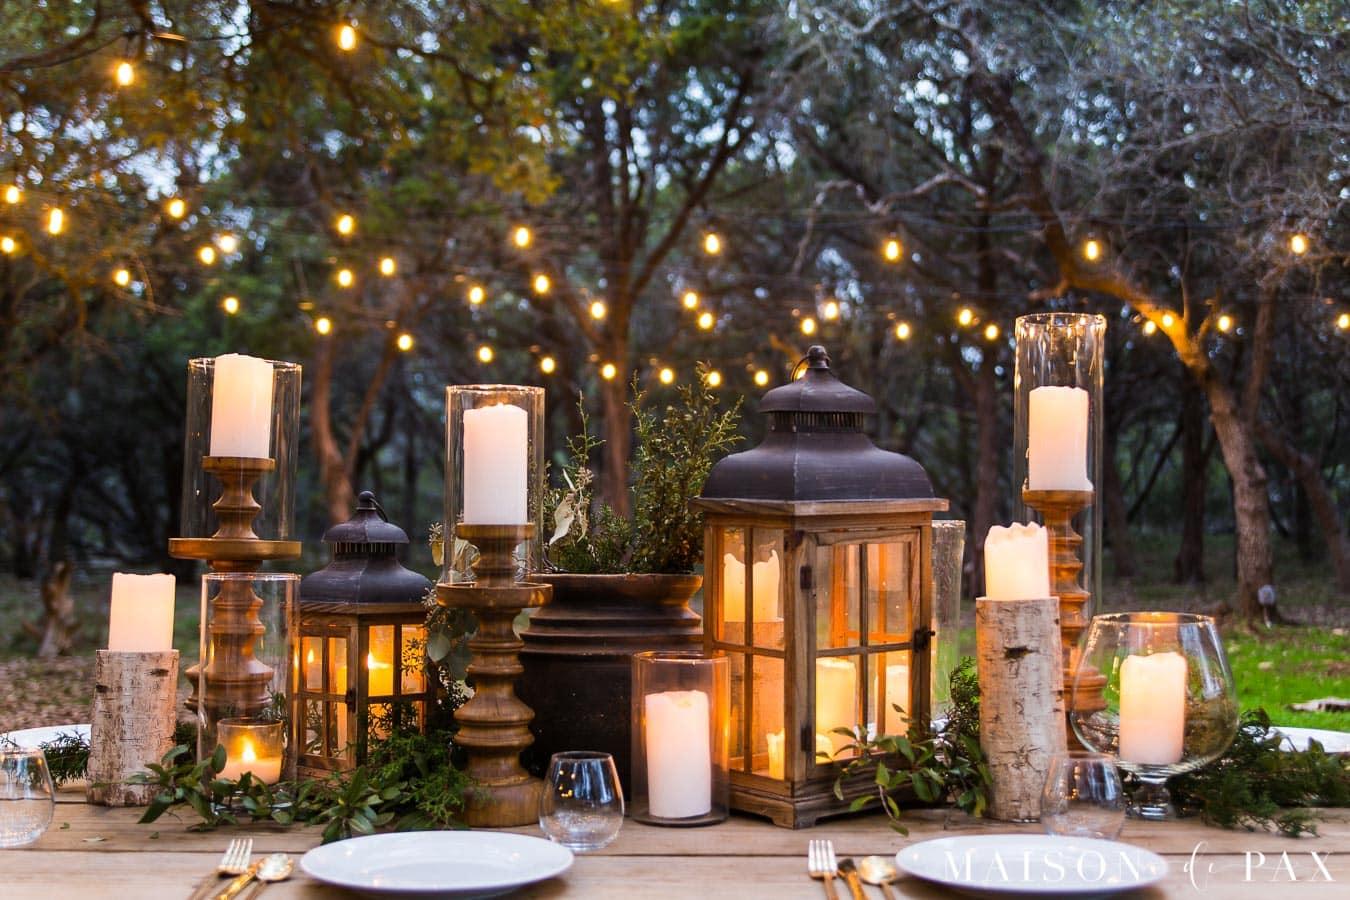 rustic elegant outdoor dining tablescape | maison de Pax